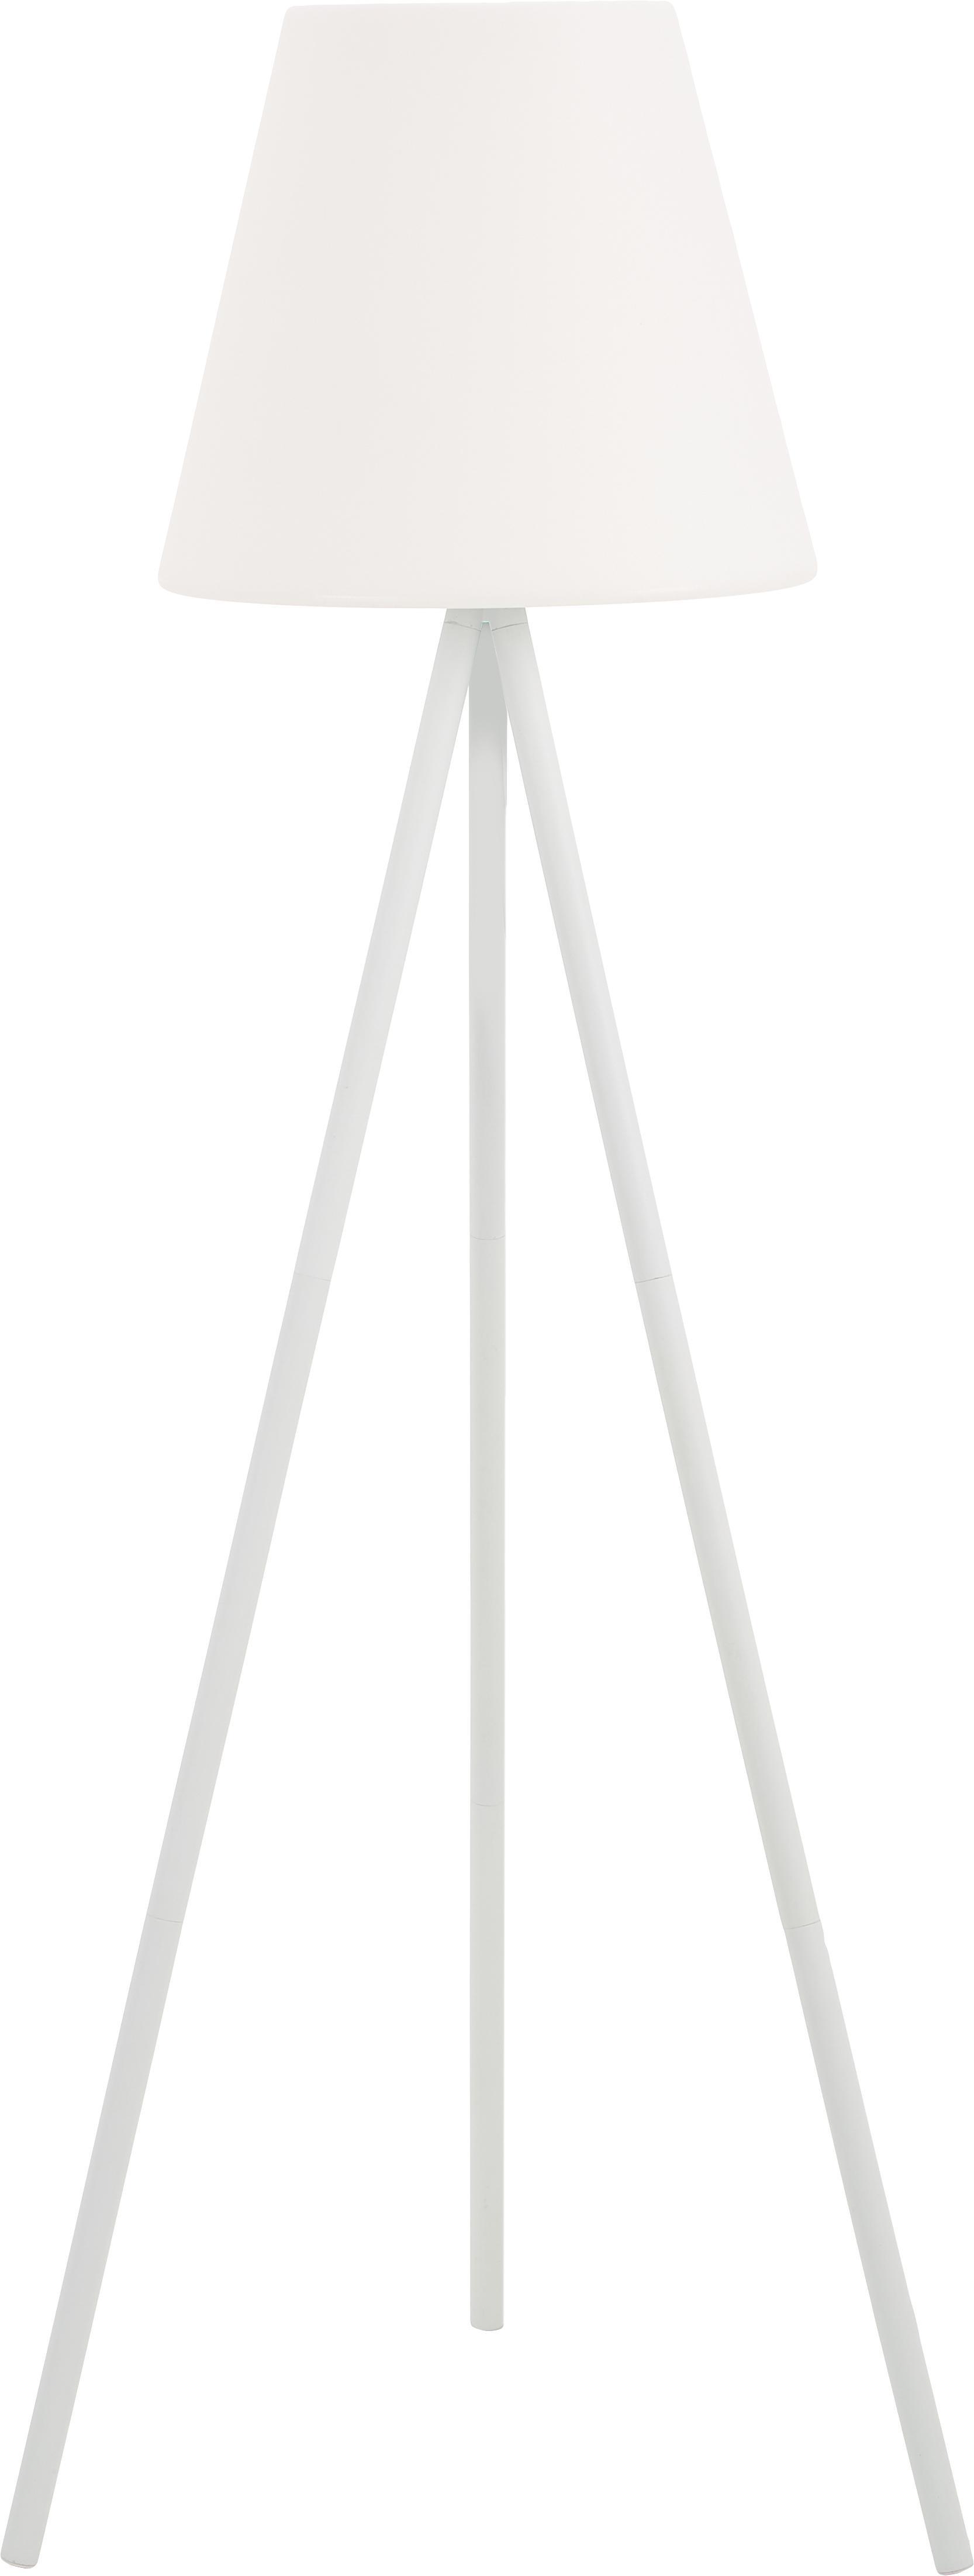 Außenstehleuchte Wells in Weiß, Lampenschirm: Kunststoff, Lampenfuß: Aluminium, eloxiert, Weiß, Ø 35 x H 134 cm